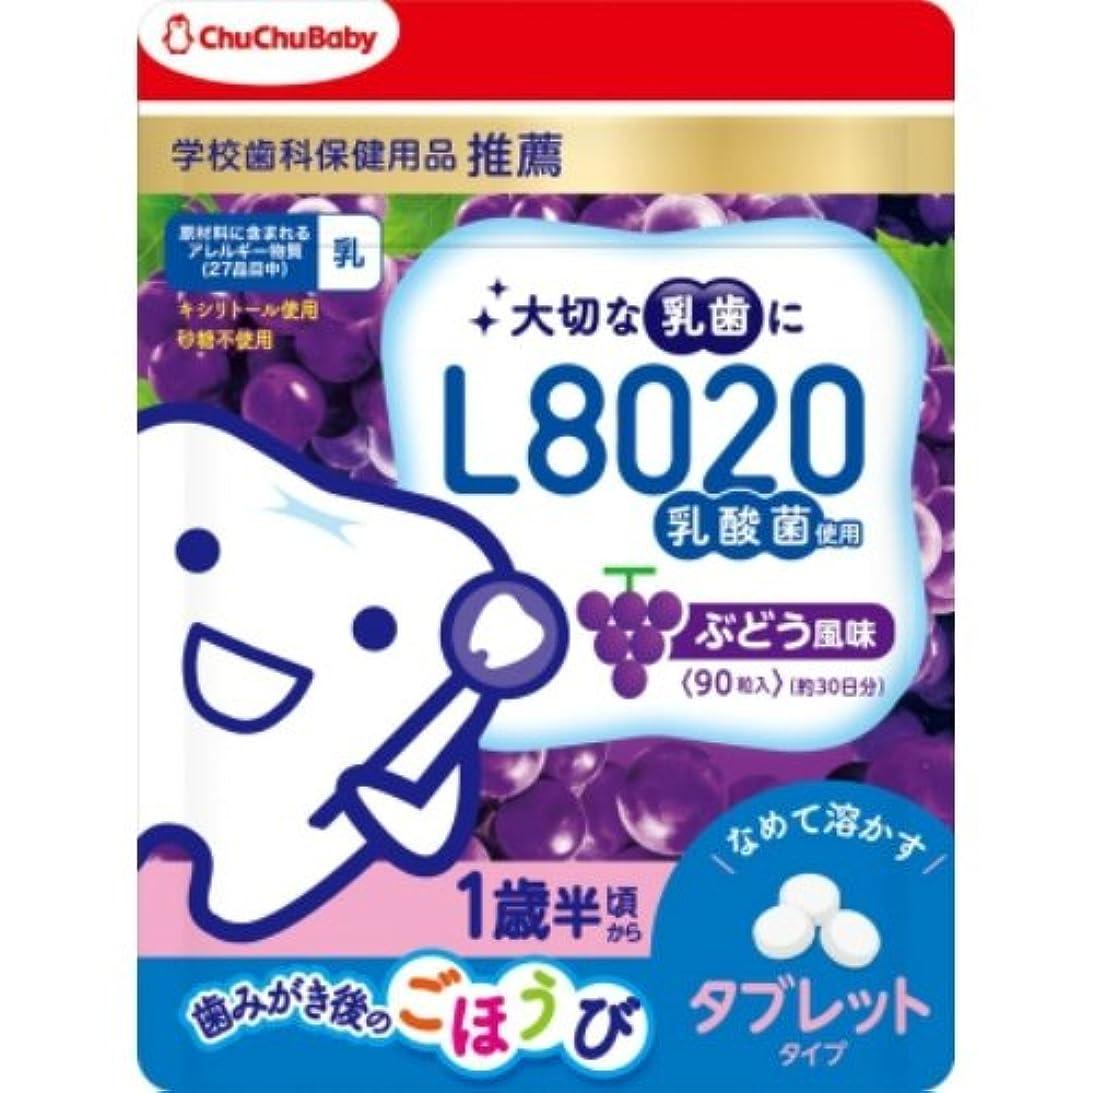 ハッチ残基契約したL8020乳酸菌チュチュベビータブレットぶどう風味 × 5個セット